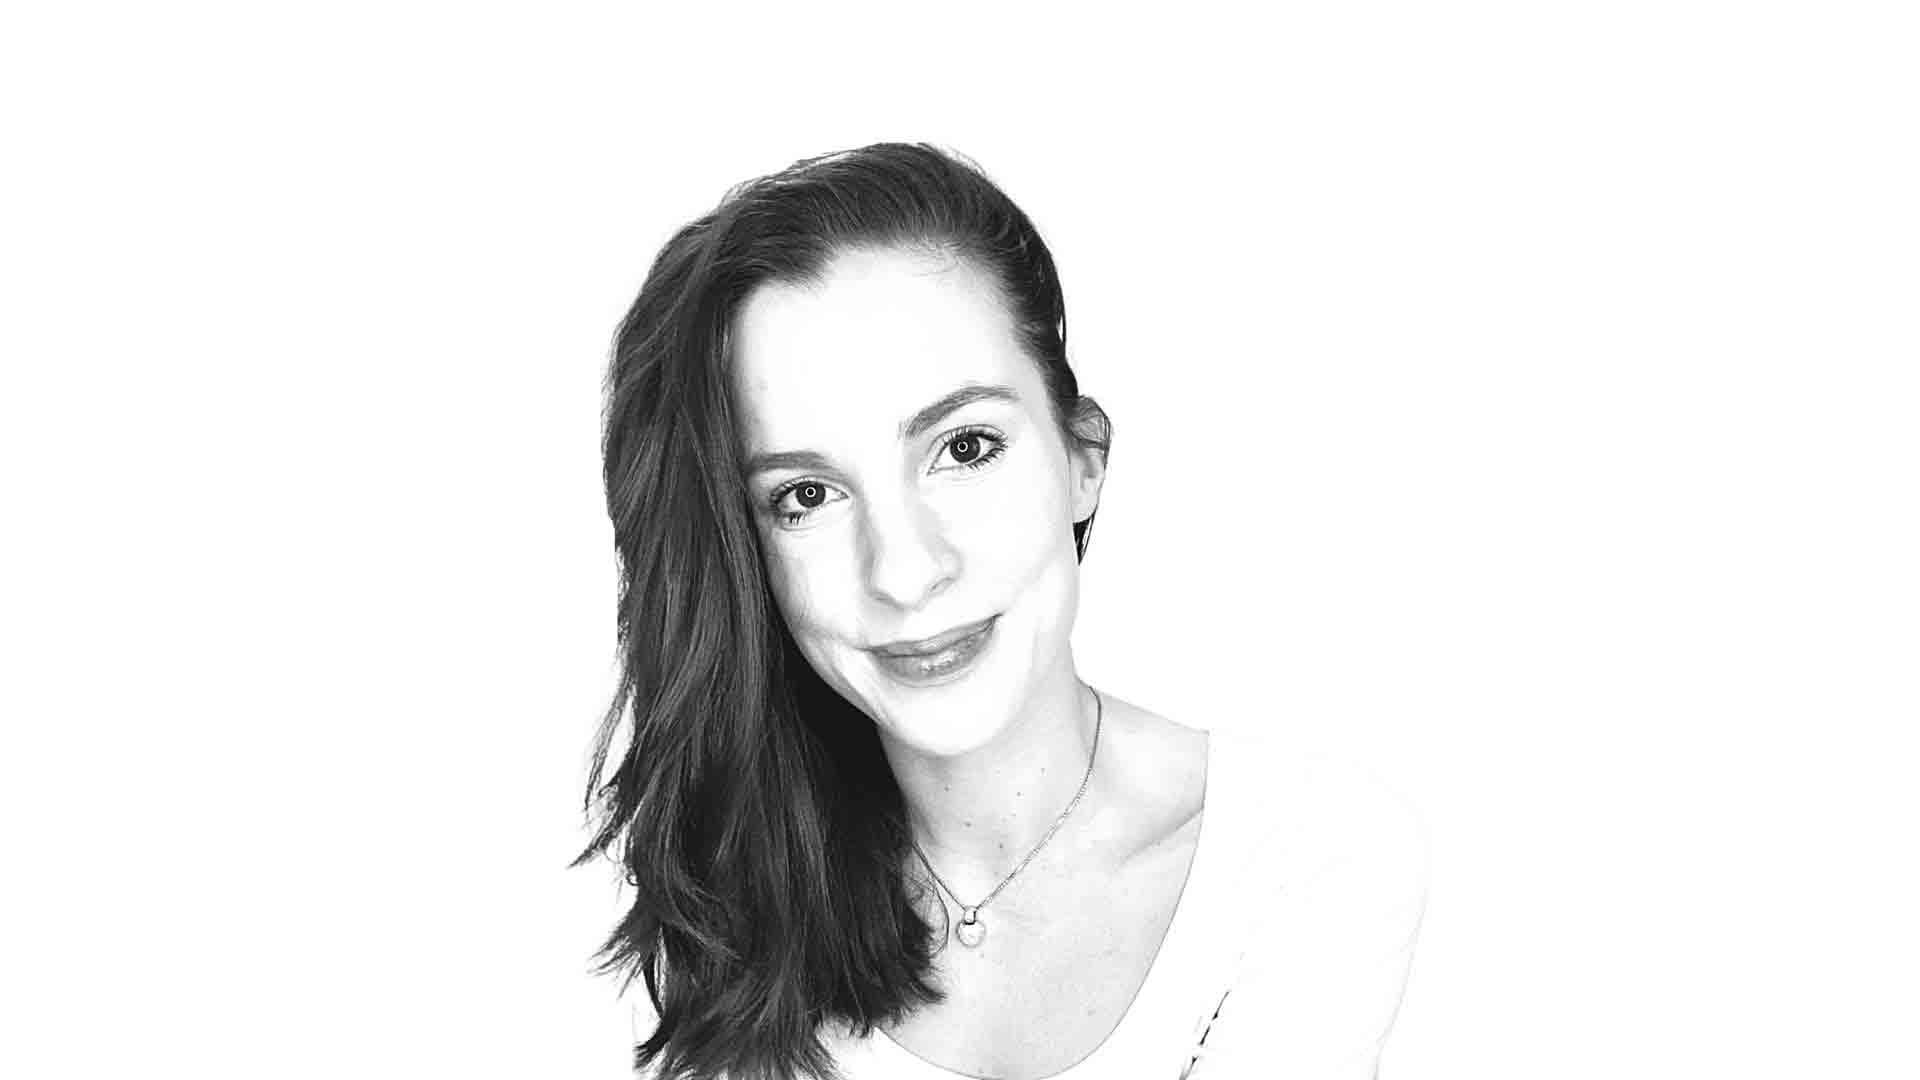 Iliana Grosse Buening